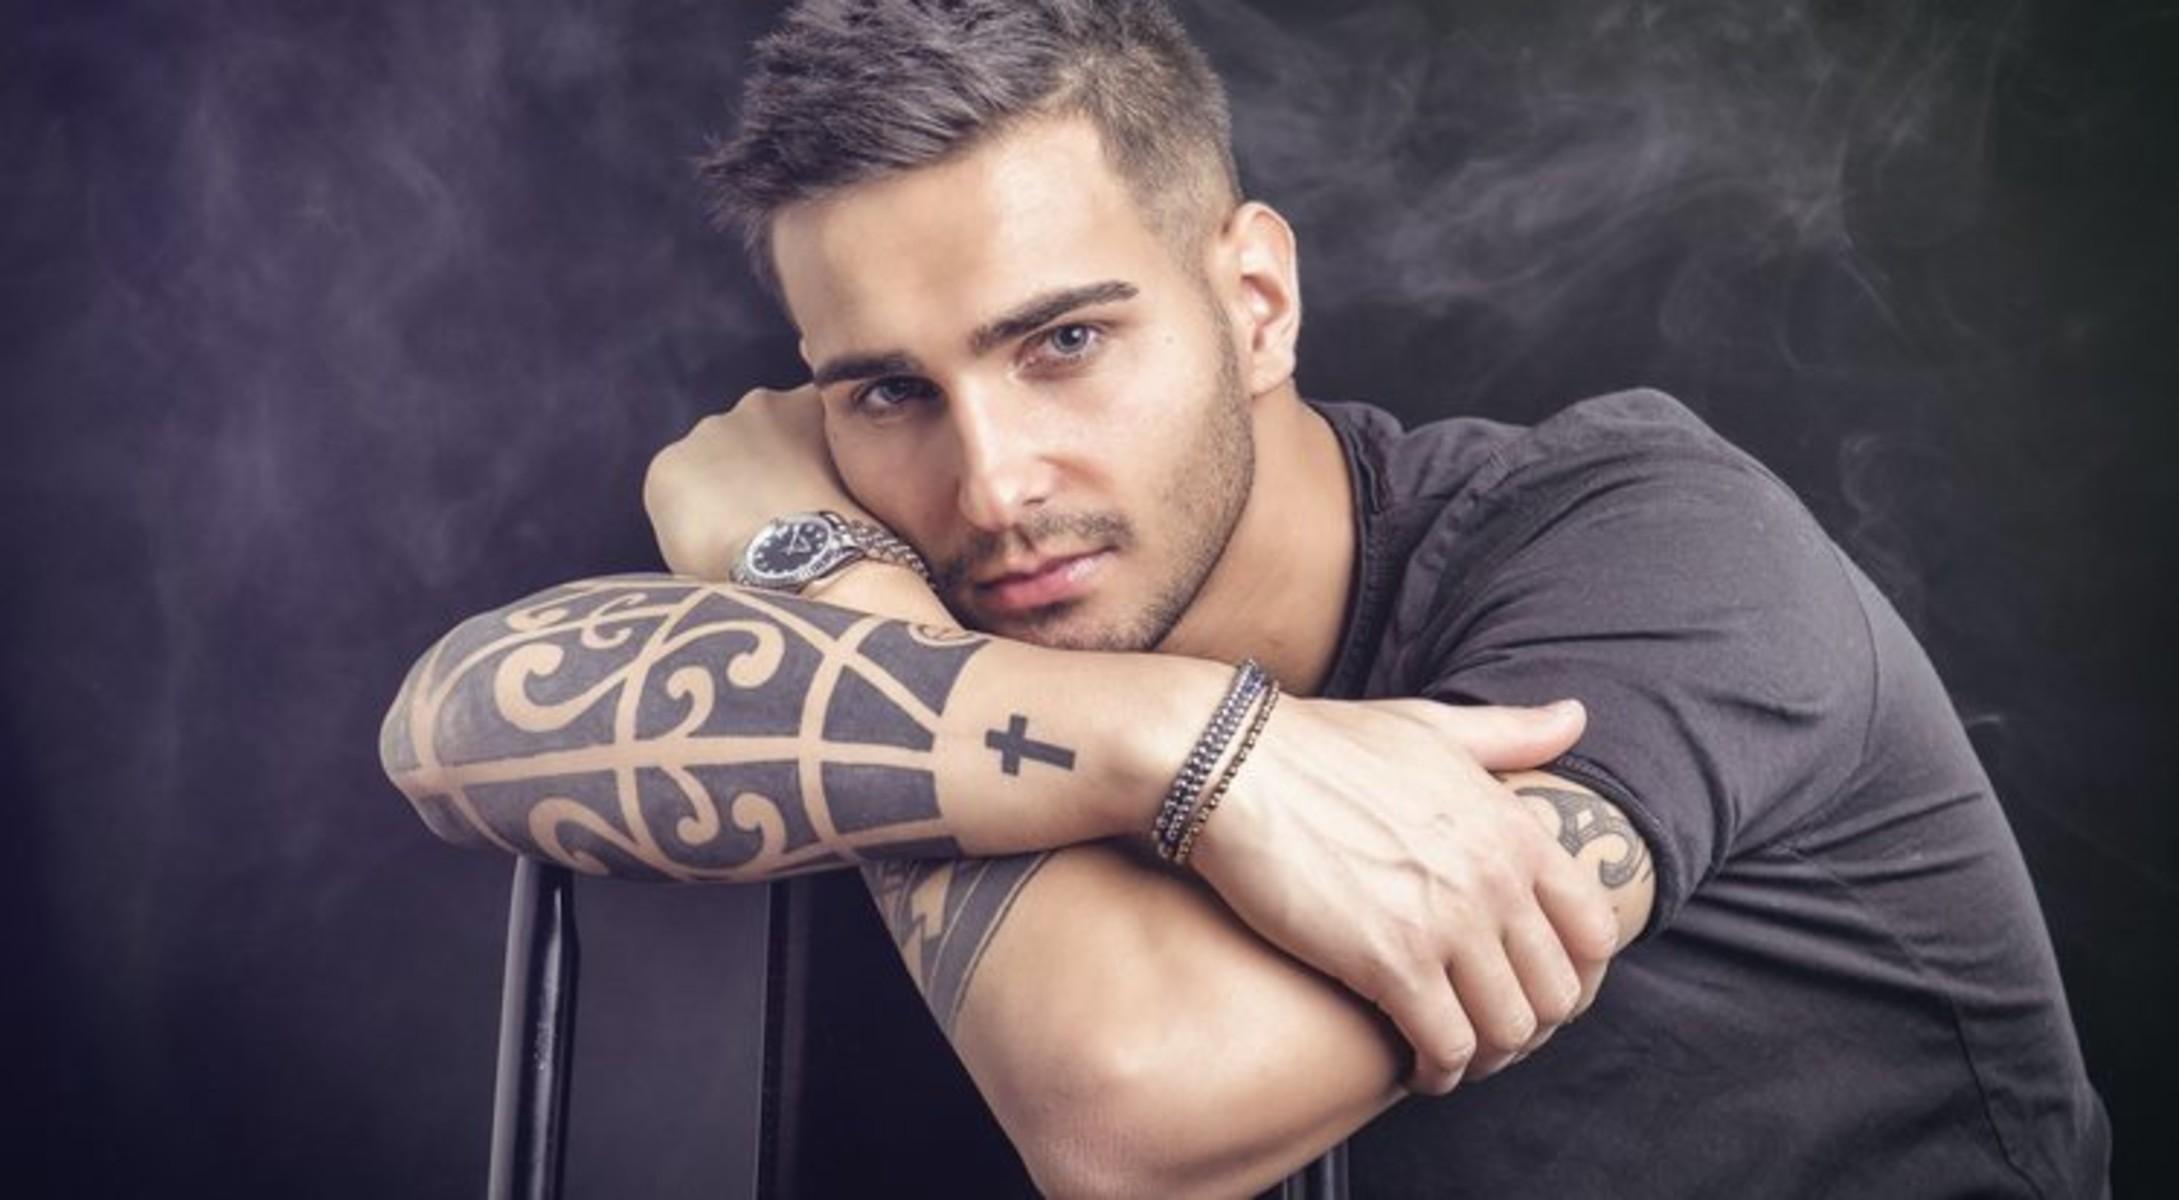 Τατουάζ και φροντίδα: Περιποίηση πριν και μετά